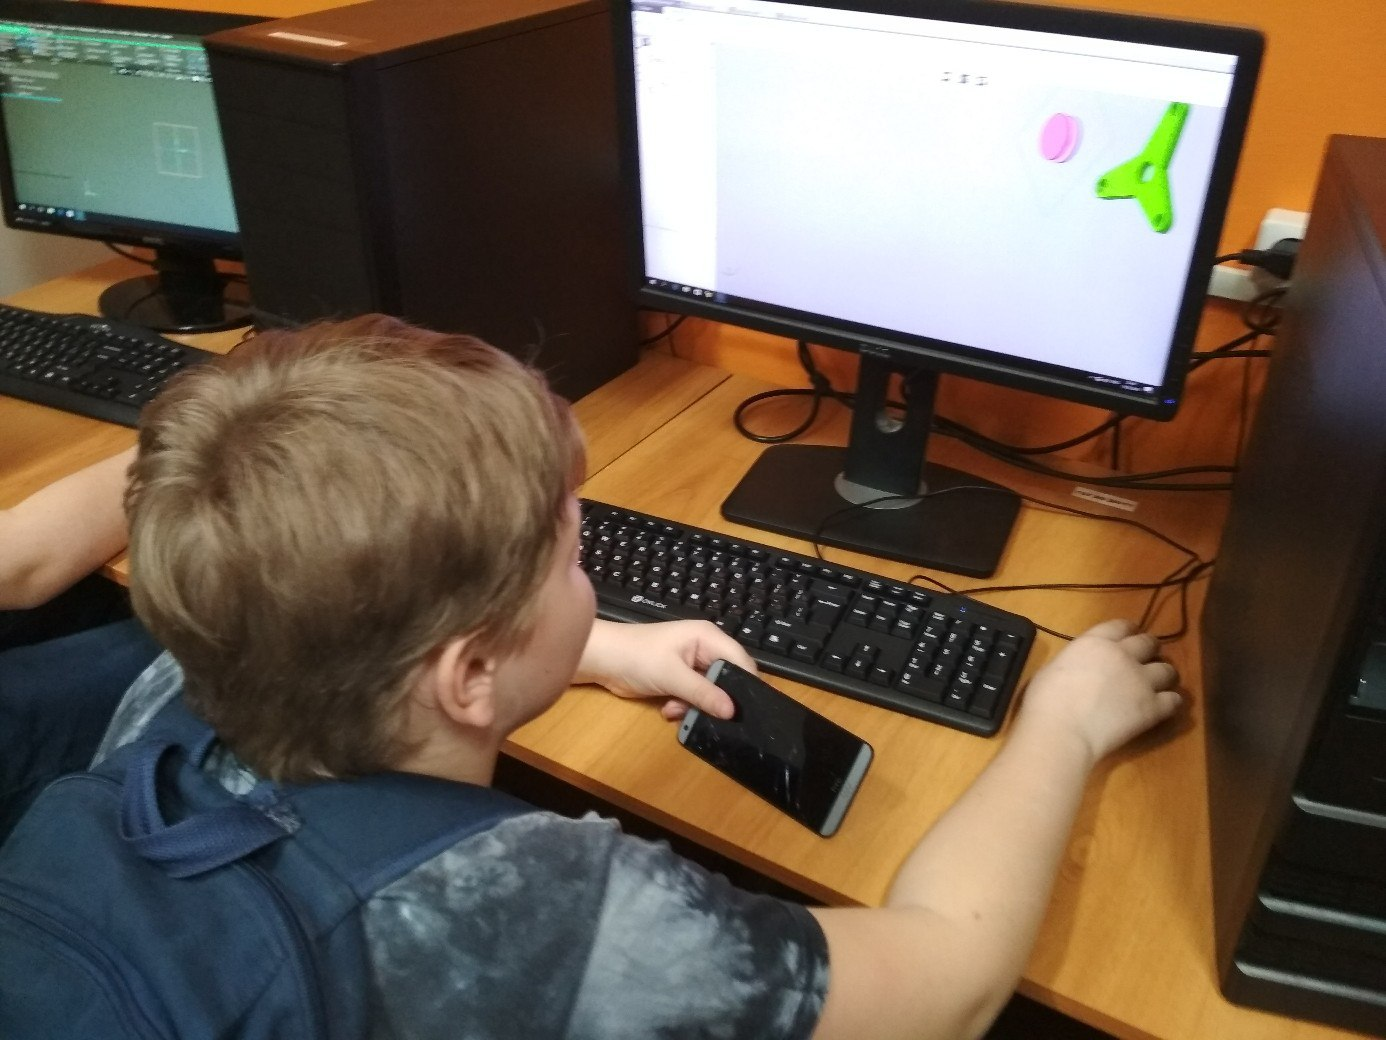 3D-моделирование и программирование. Электронные чертежи и новые функции